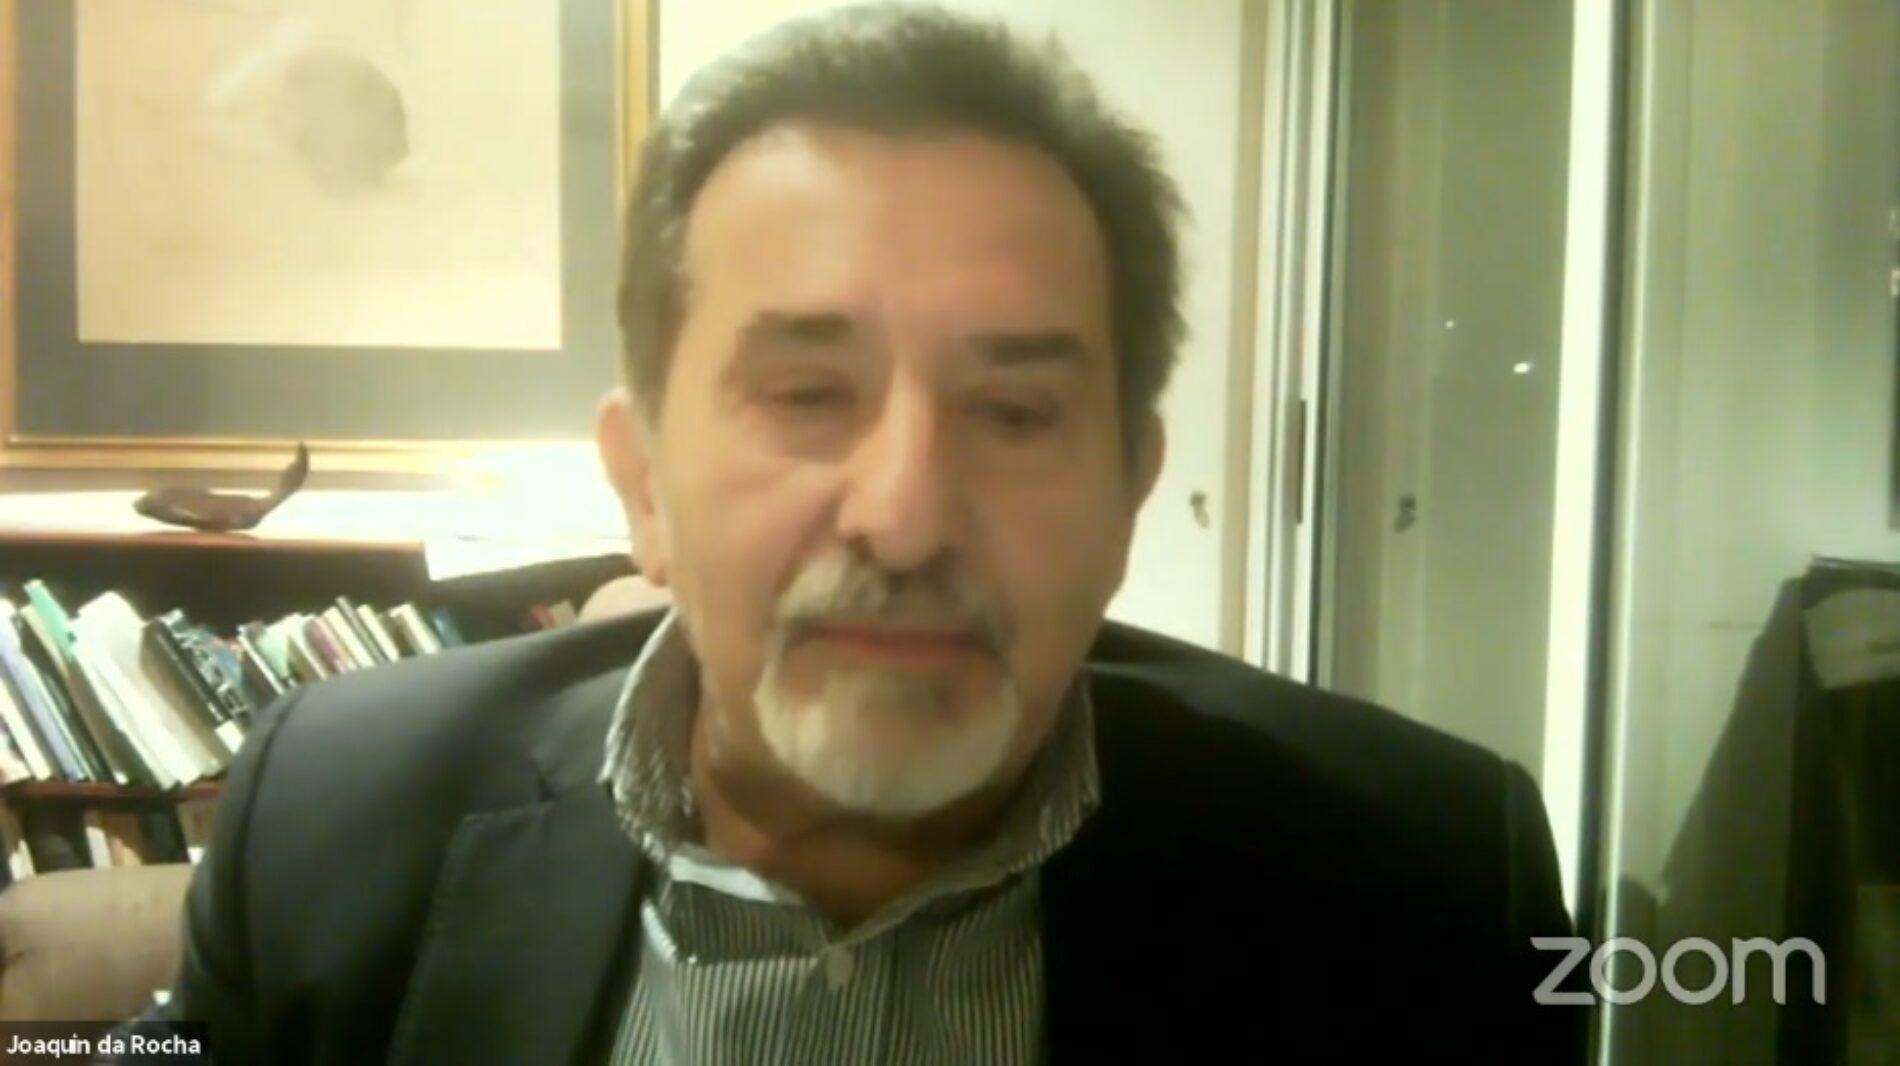 Participación del Dr. Joaquín da Rocha en las Jornadas: «SISTEMA ACUSATORIO PENAL. La experiencia de la Justicia Federal de Salta a un año de la implementación del Código Procesal Penal»